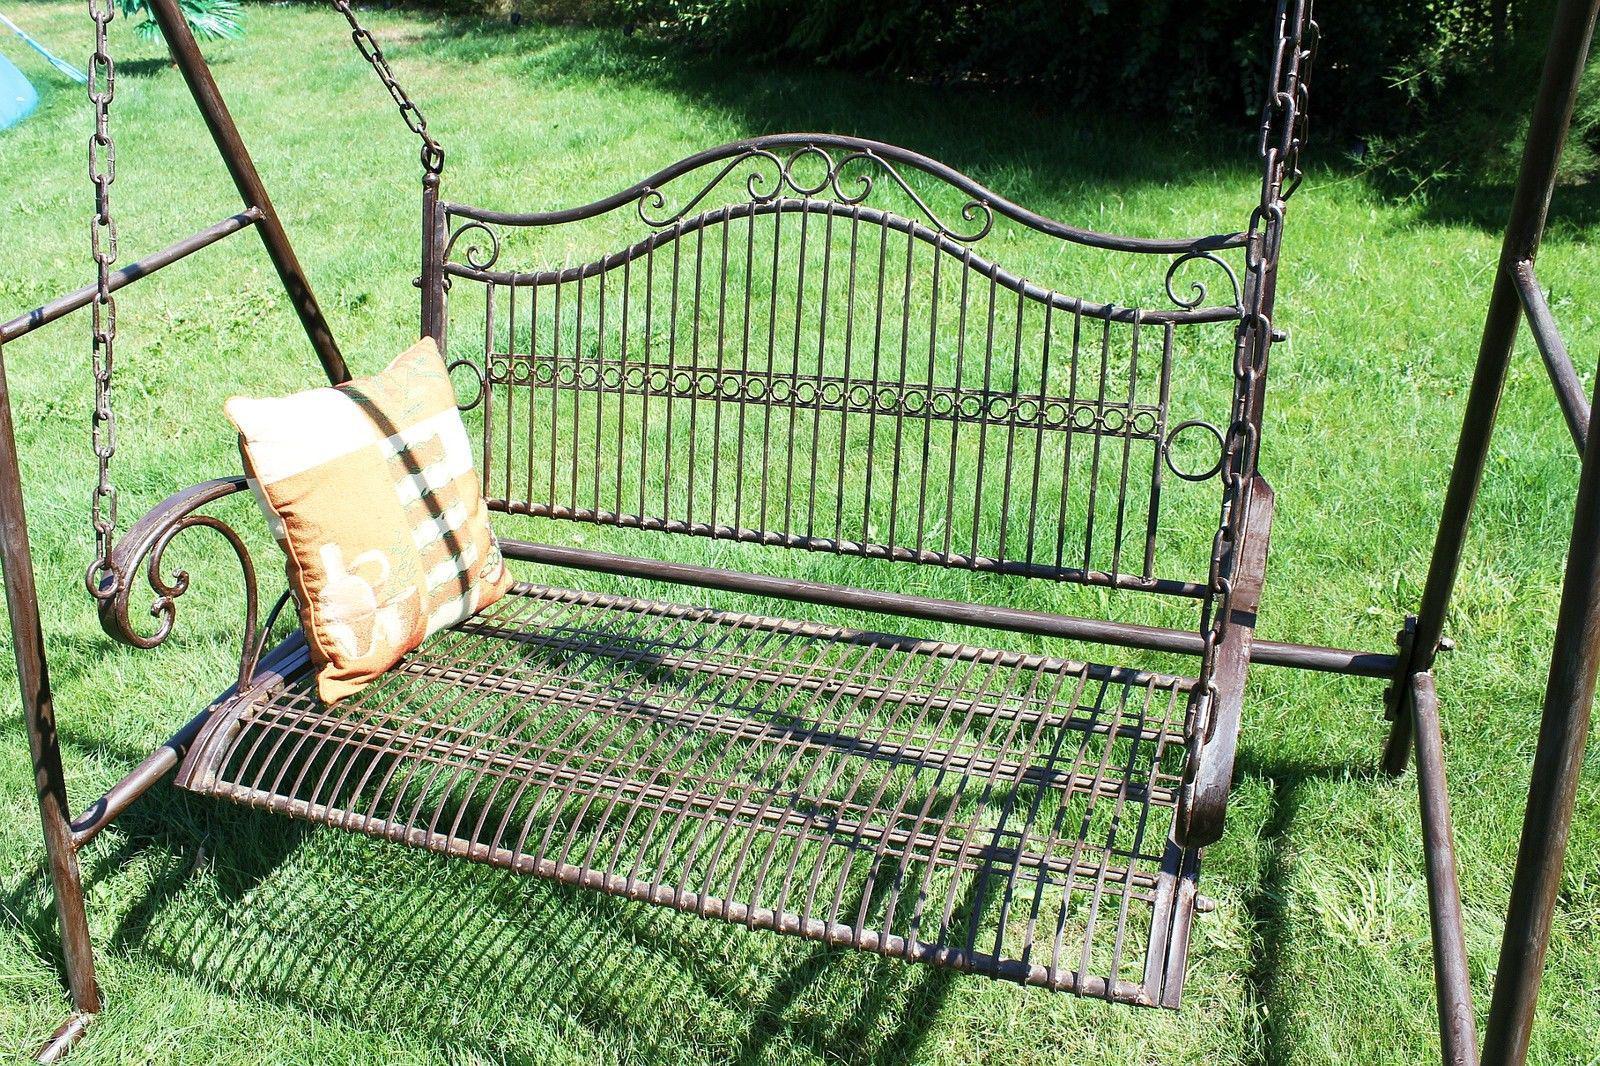 Full Size of Gartenschaukel Metall Hollywoodschaukel Antik 2 Sitzer 082505 Regal Weiß Bett Regale Wohnzimmer Gartenschaukel Metall